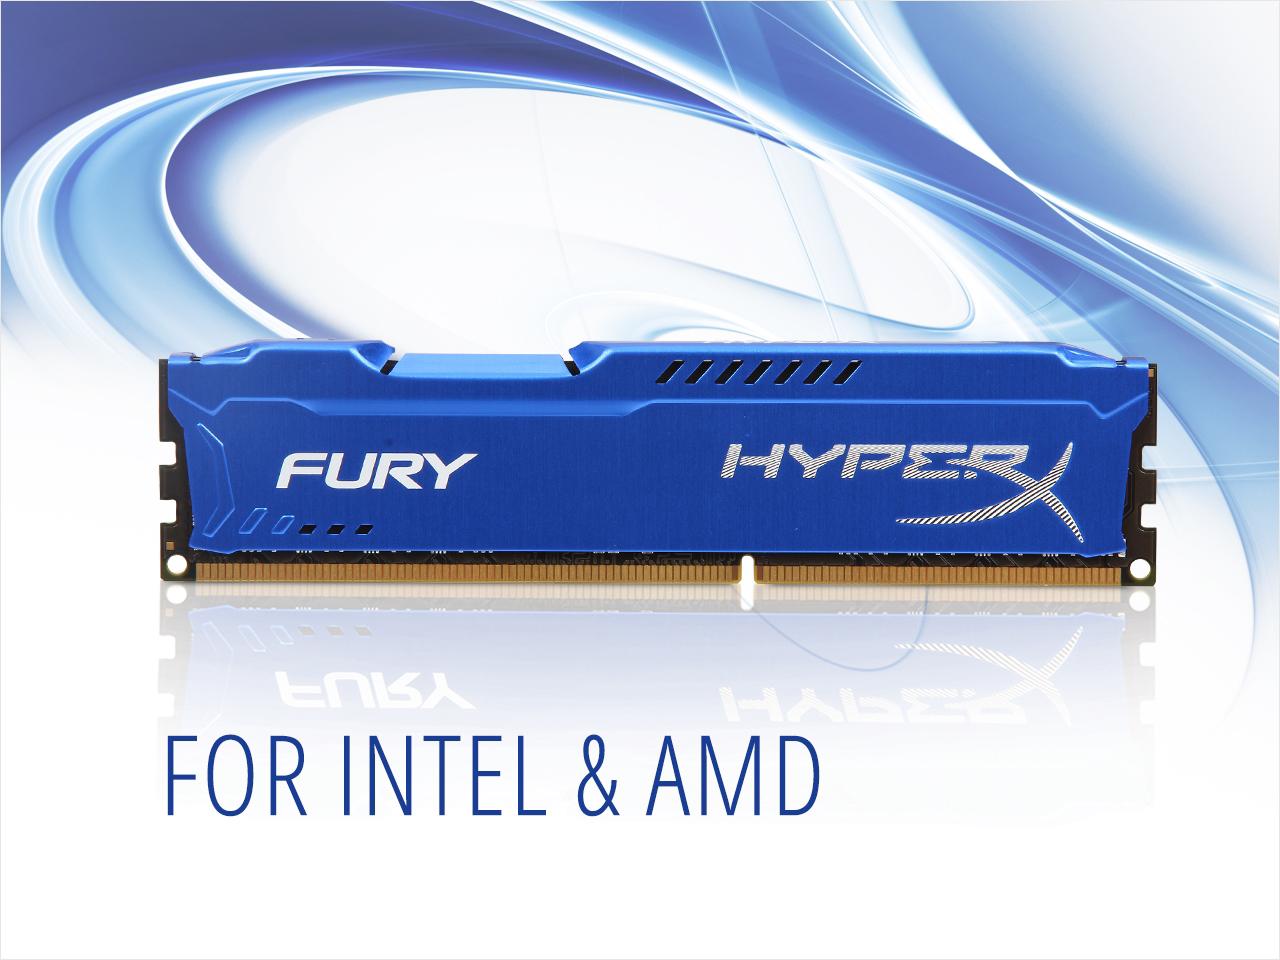 HyperX FURY 8GB 240-Pin DDR3 SDRAM DDR3 1866 Desktop Memory $38.99 (or less w/10% edu) w/FS; Crucial 8GB 204-Pin DDR3L 1600 Laptop Memory $35.99 w/FS @ newegg & neweggflash